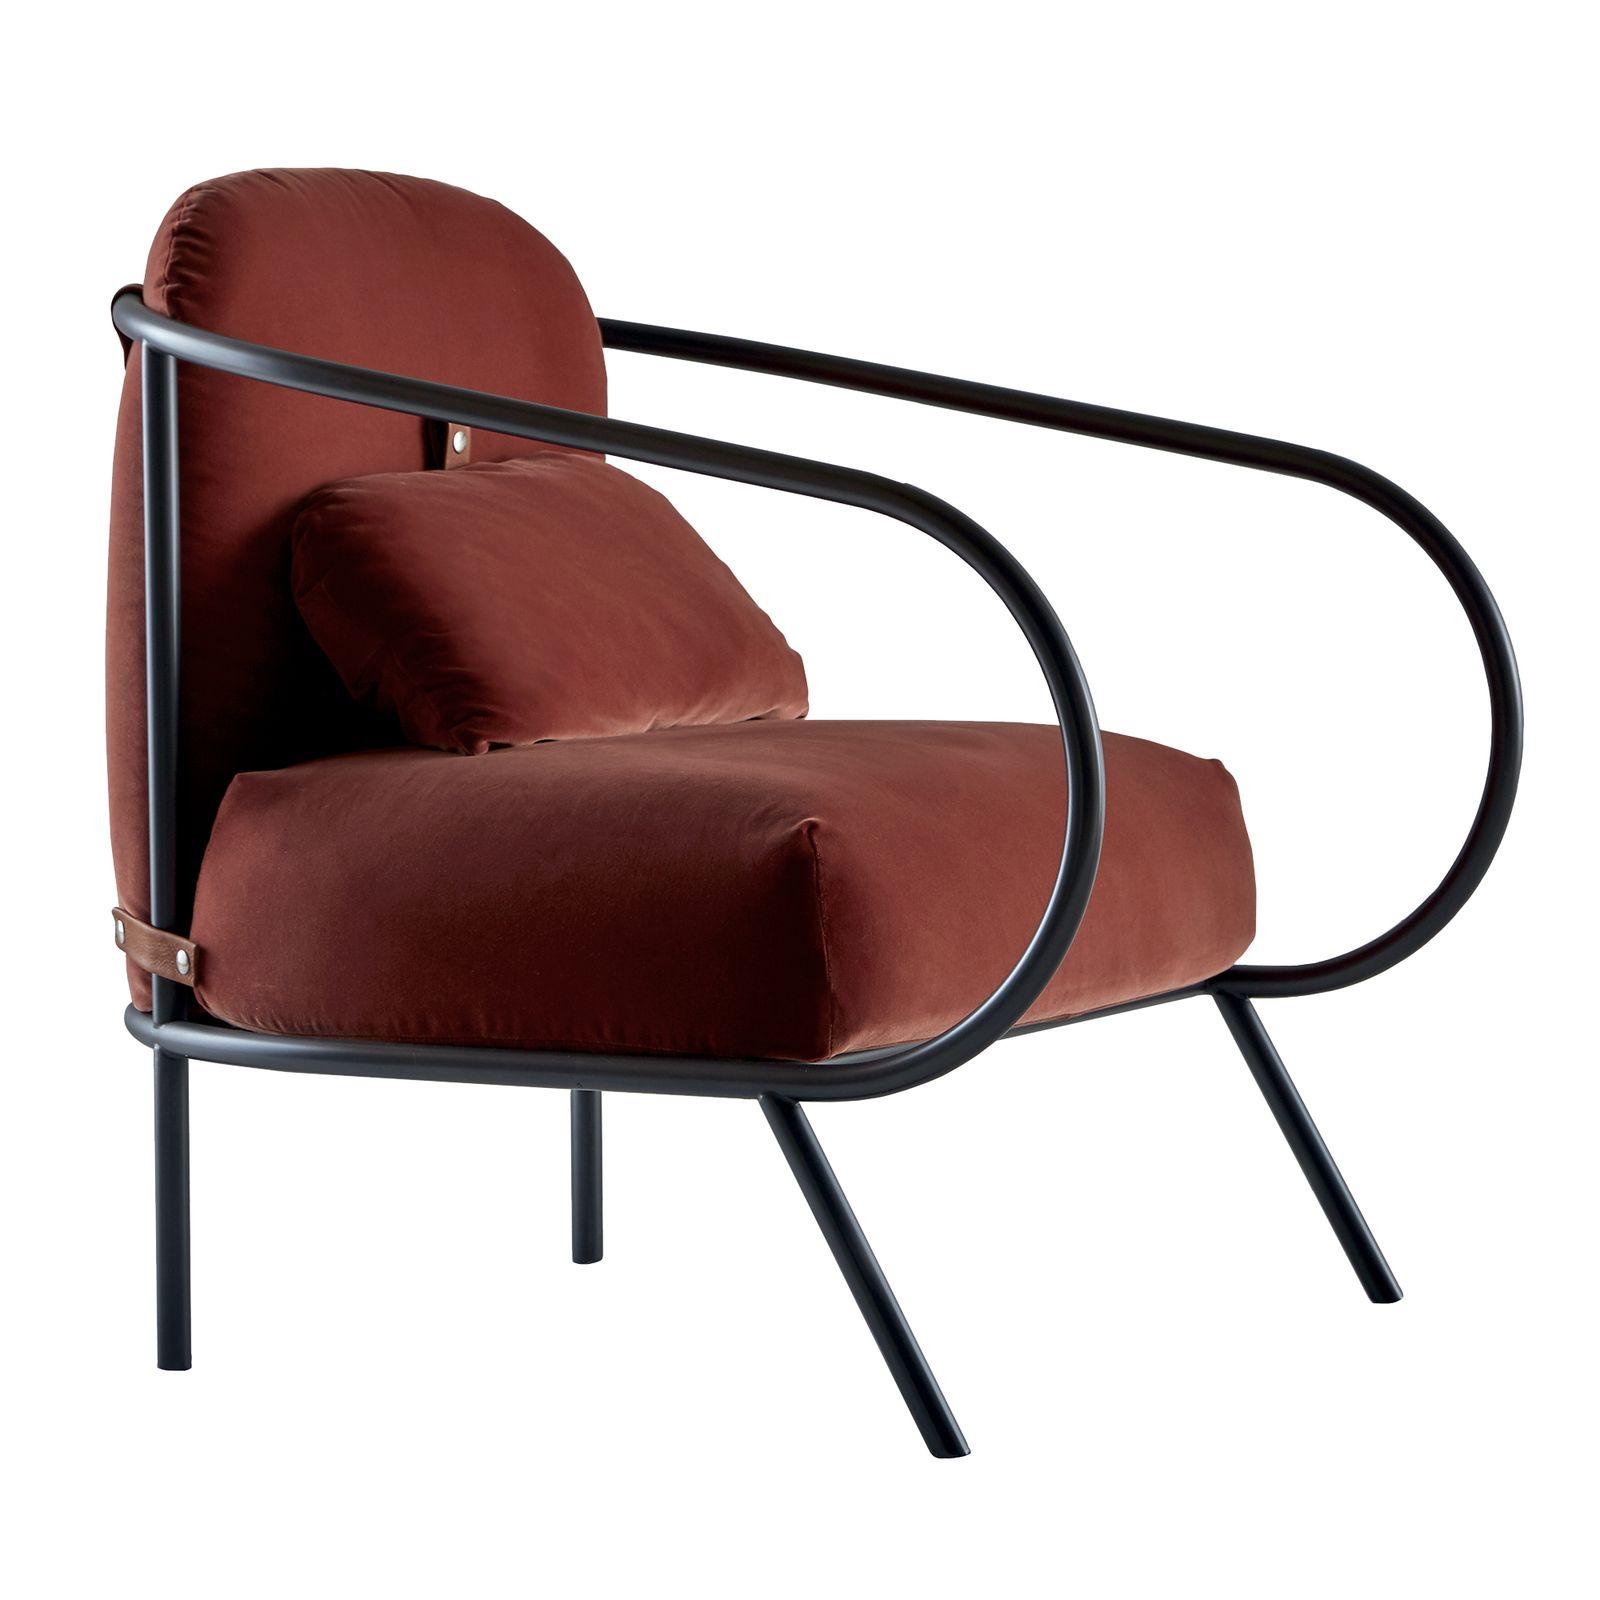 Furniture Design, Kitchen